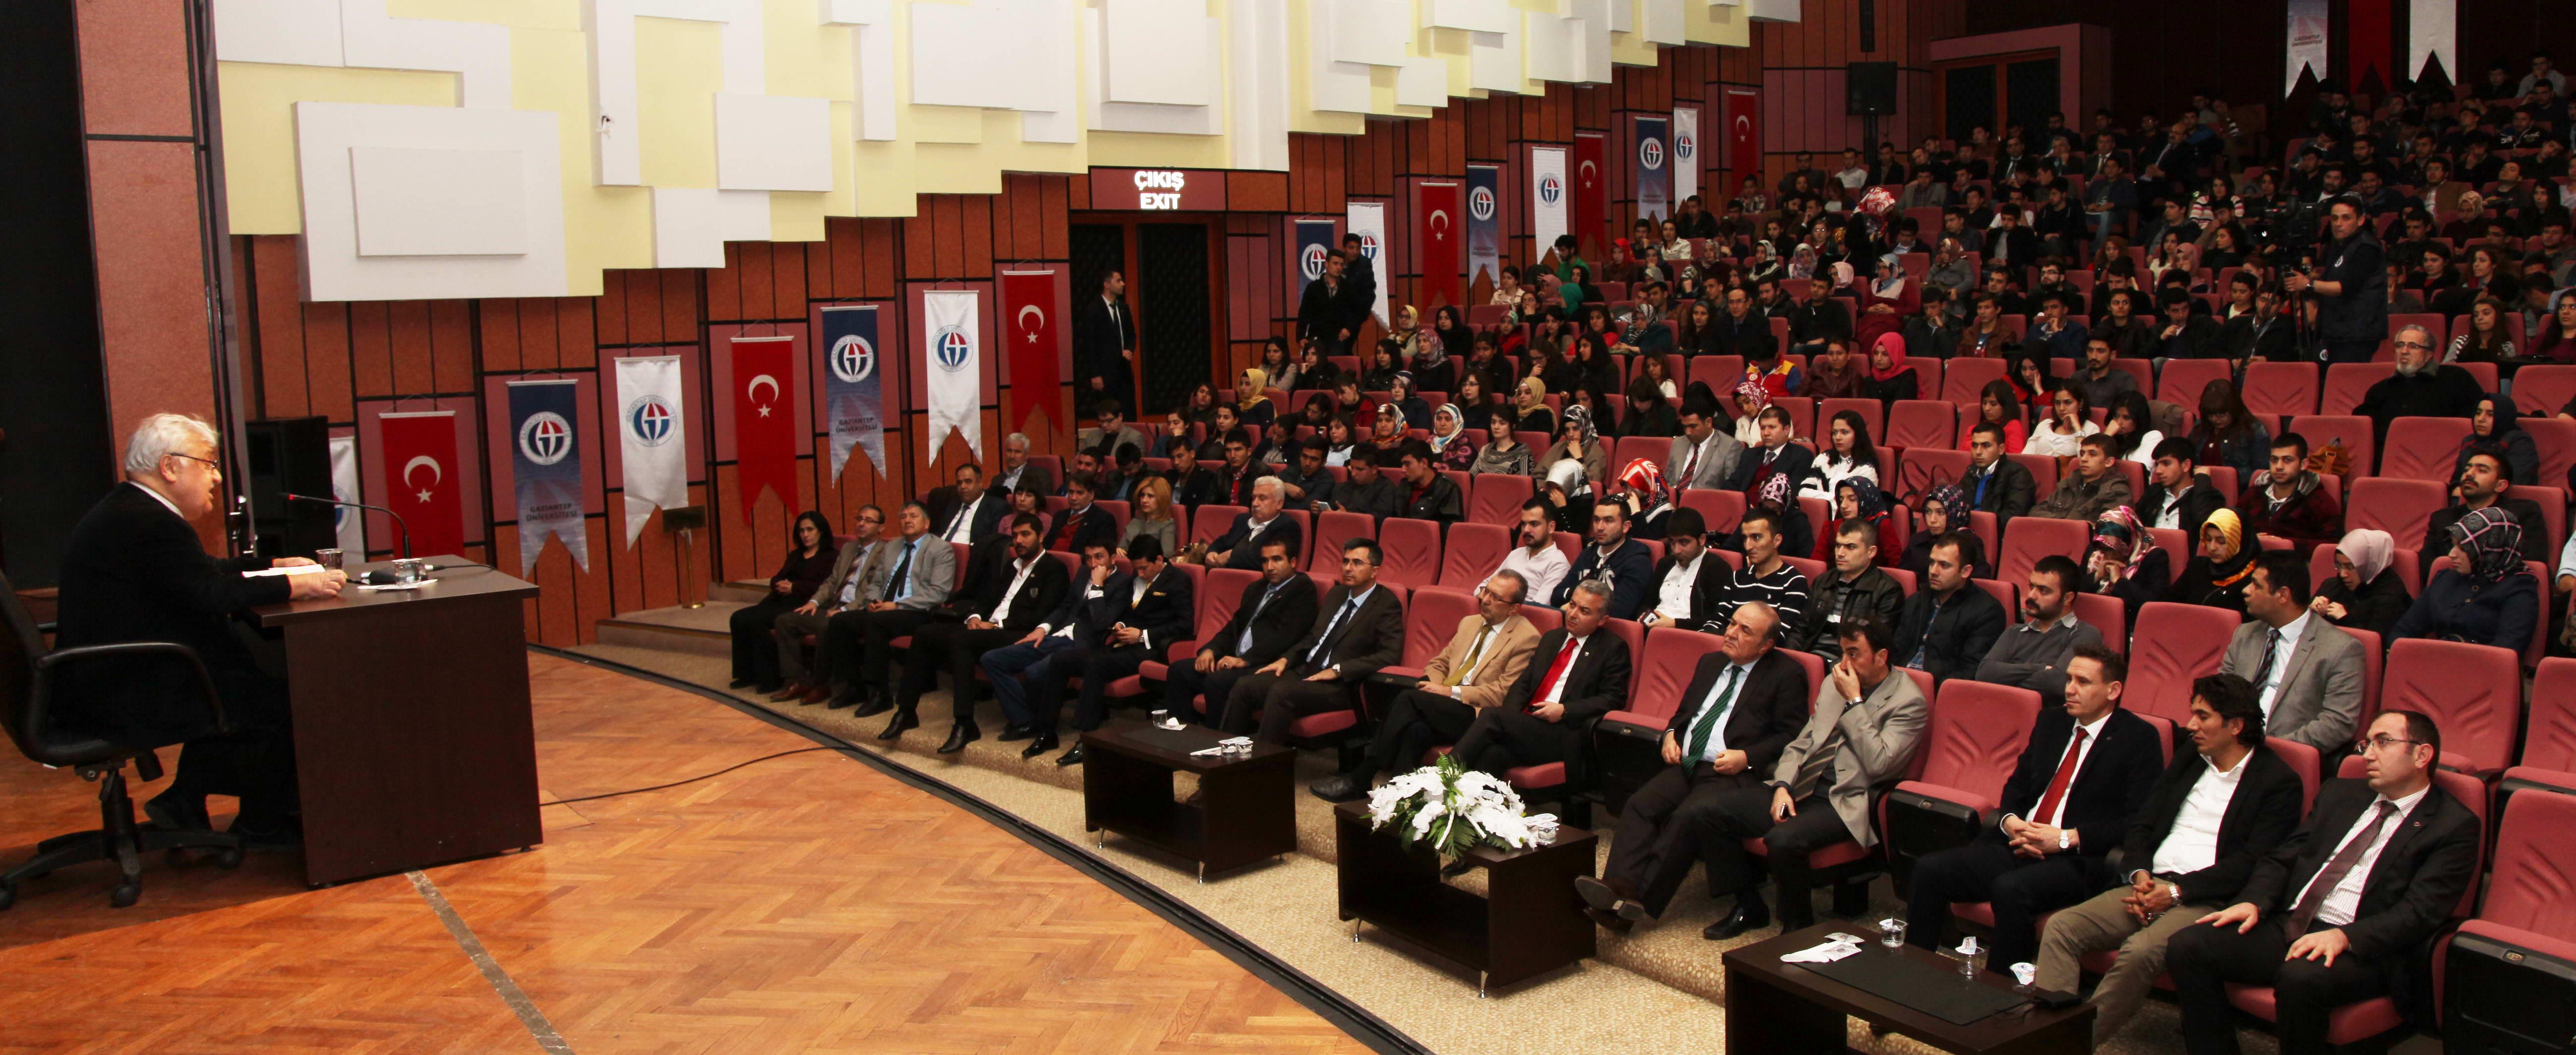 71-_Mustafa_Yazgan_-_Konferans (3)